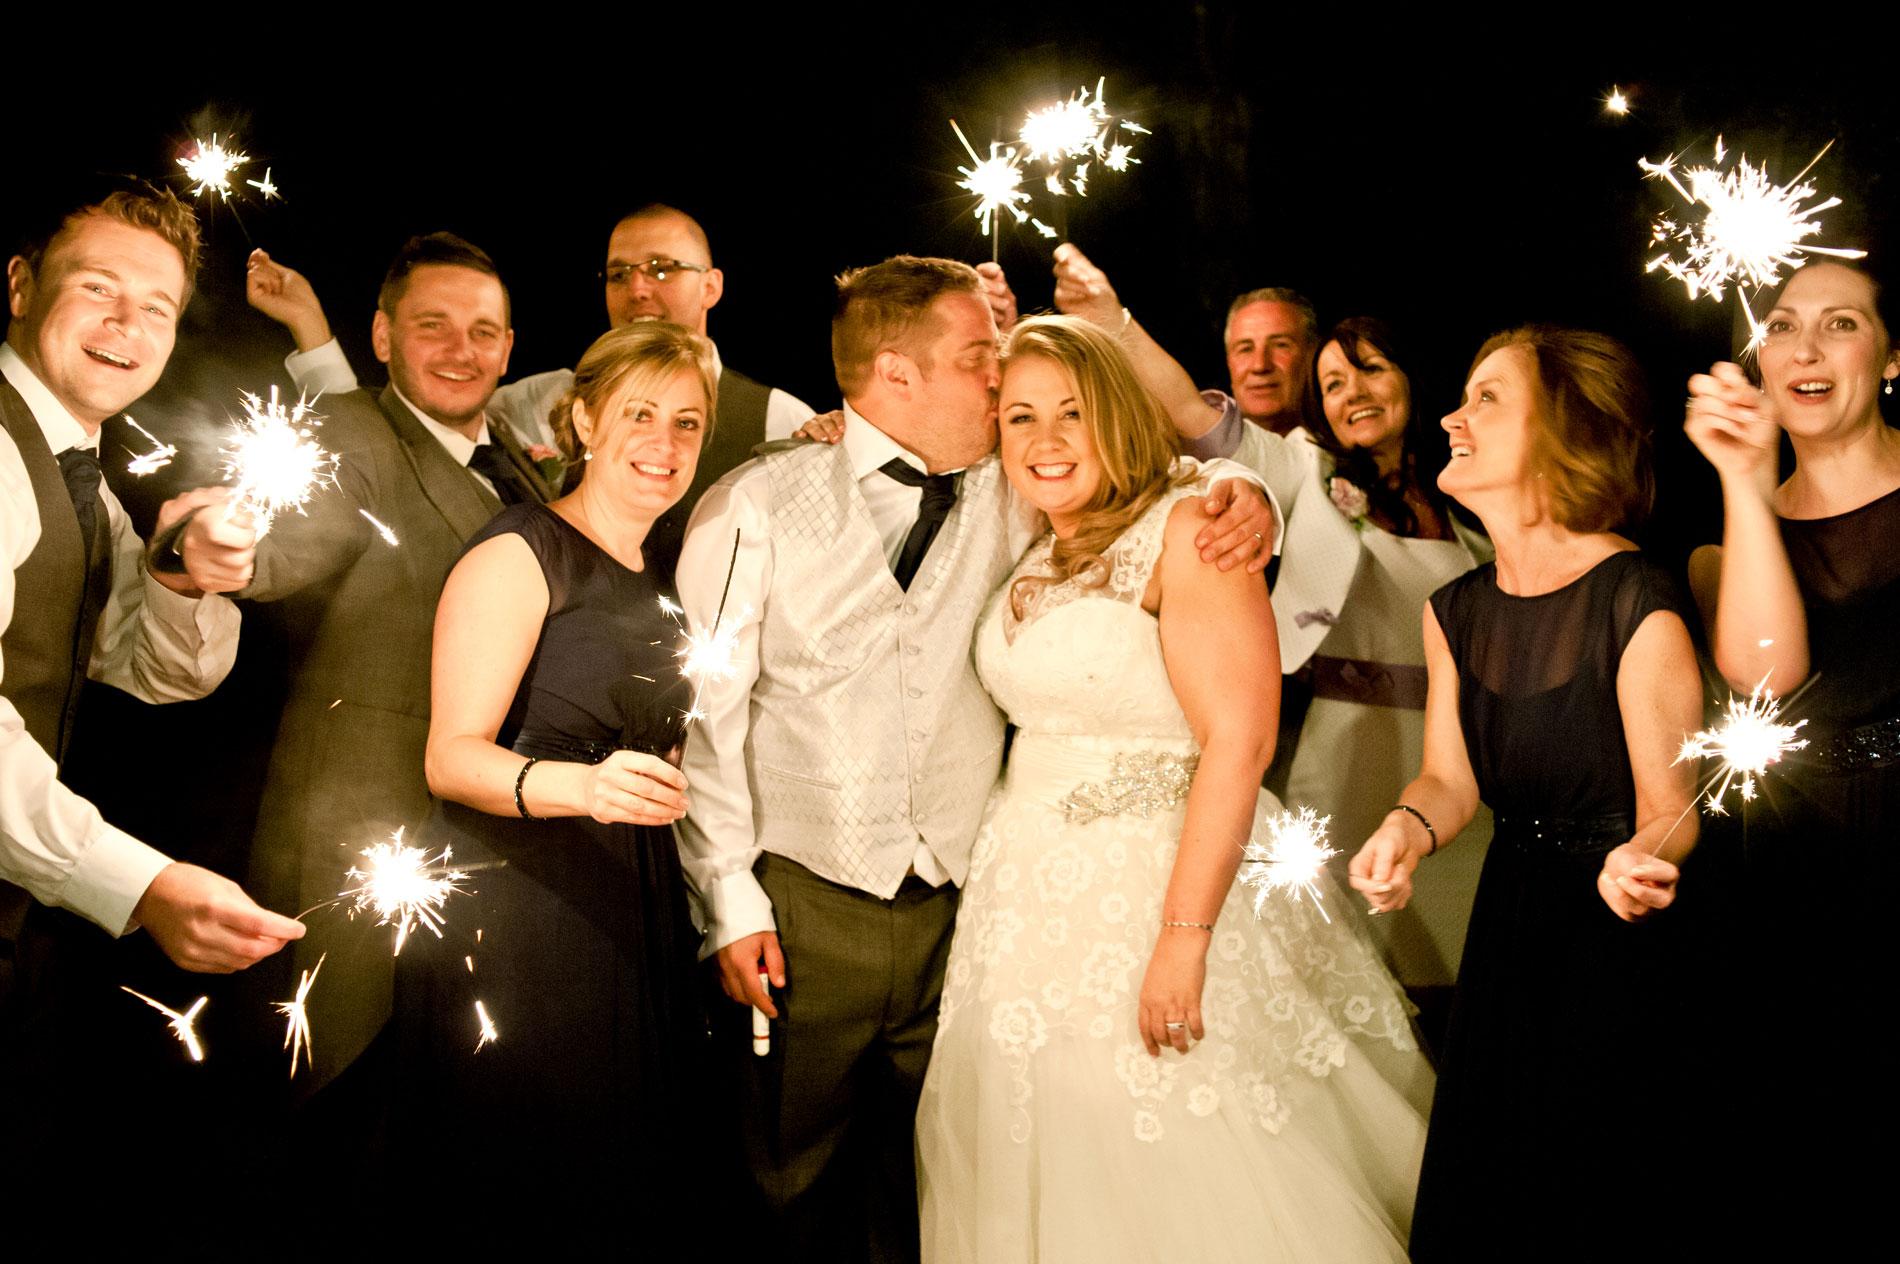 Kilworth-weddings-_86.jpg